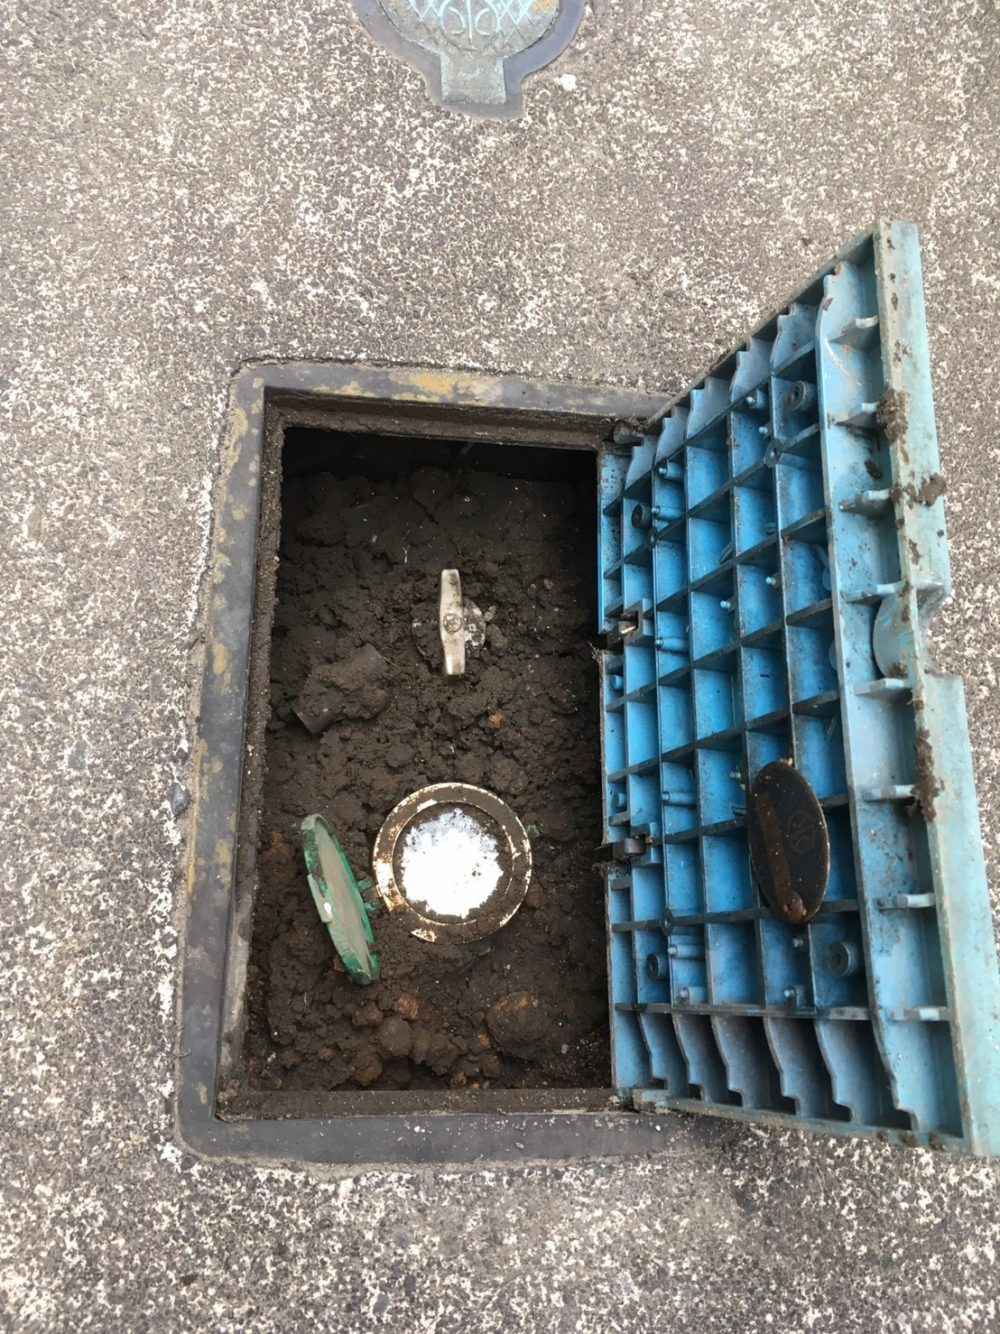 前橋市H様のお家にて水道の配管洗浄を行いました – ミヤケンリフォーム